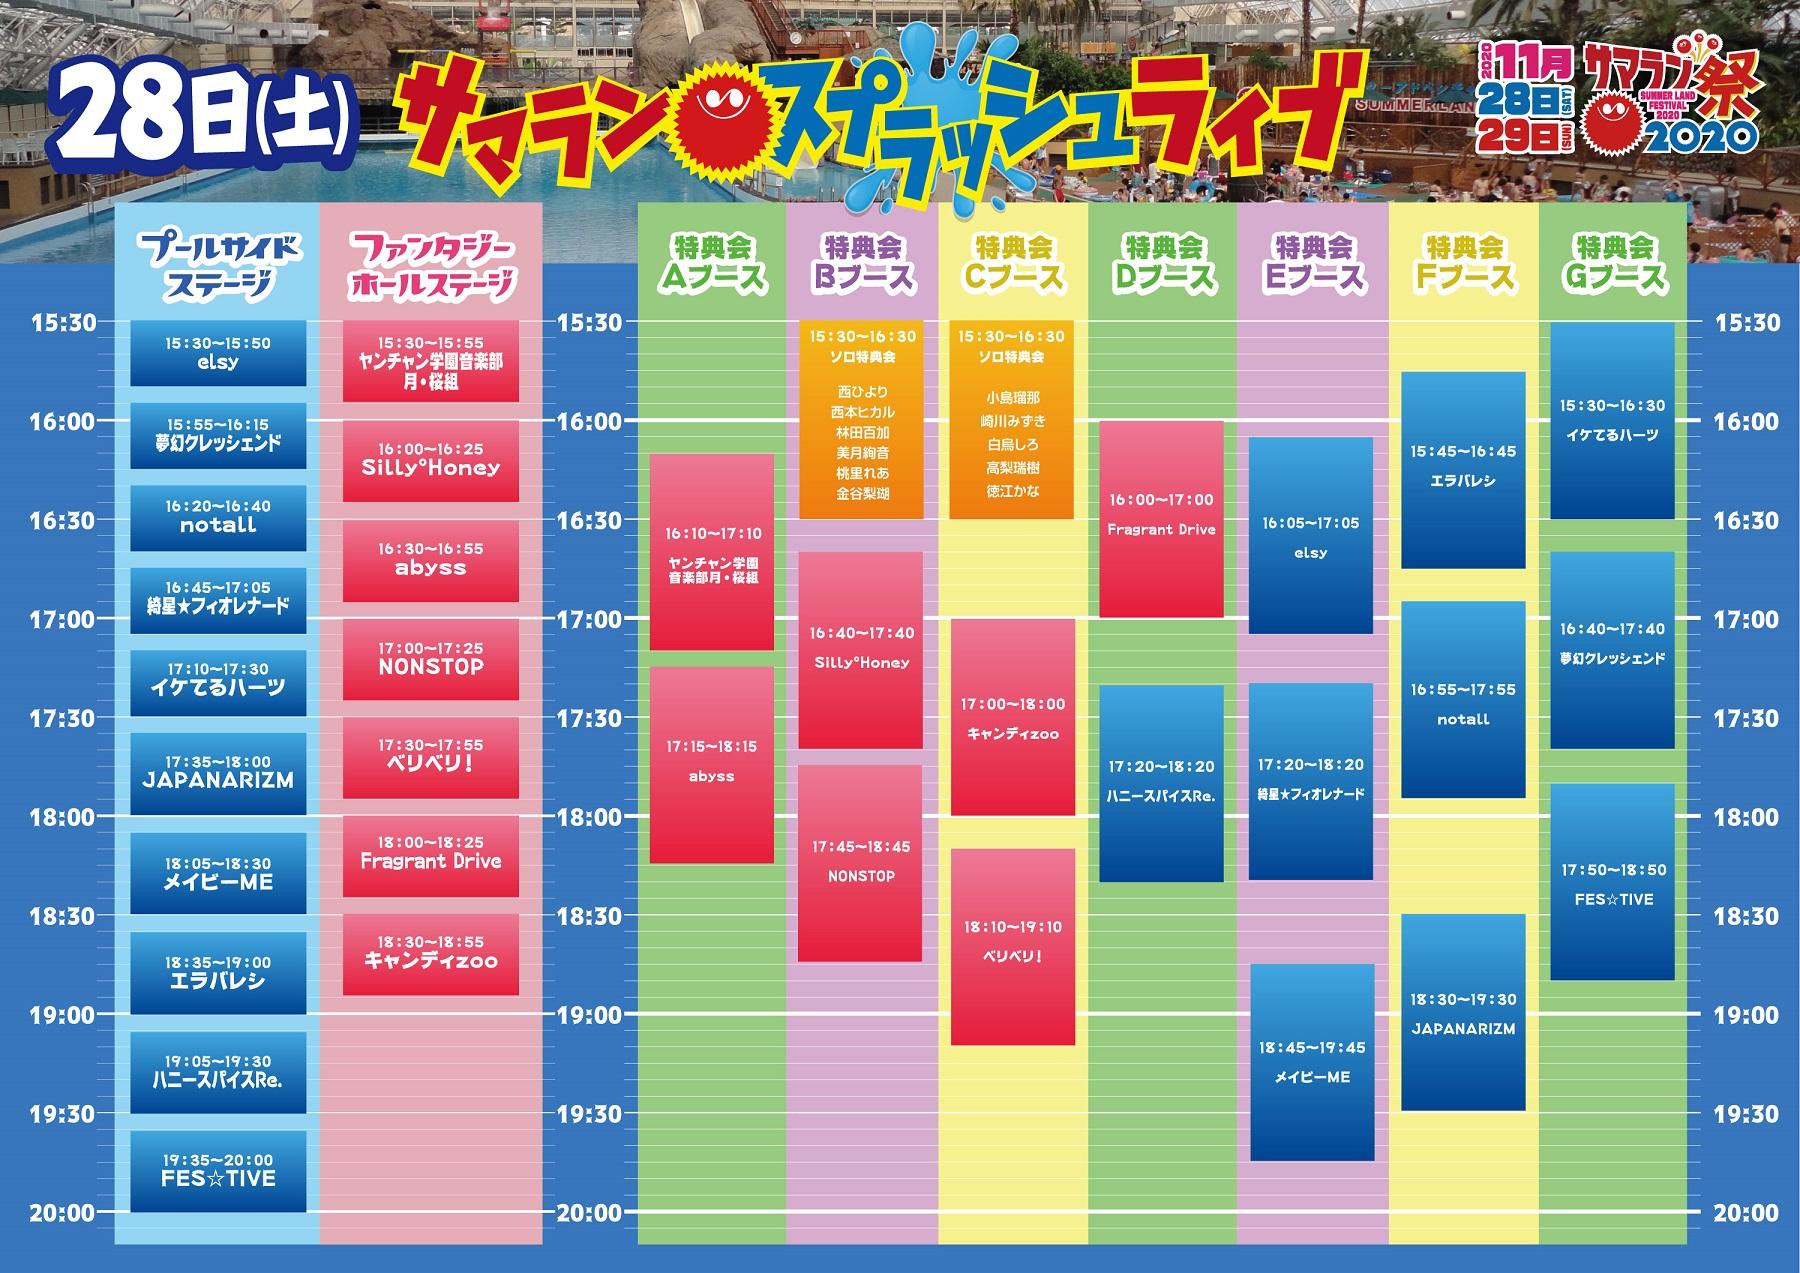 2020/11/28『サマランスプラッシュライブ』最前オプションチケット